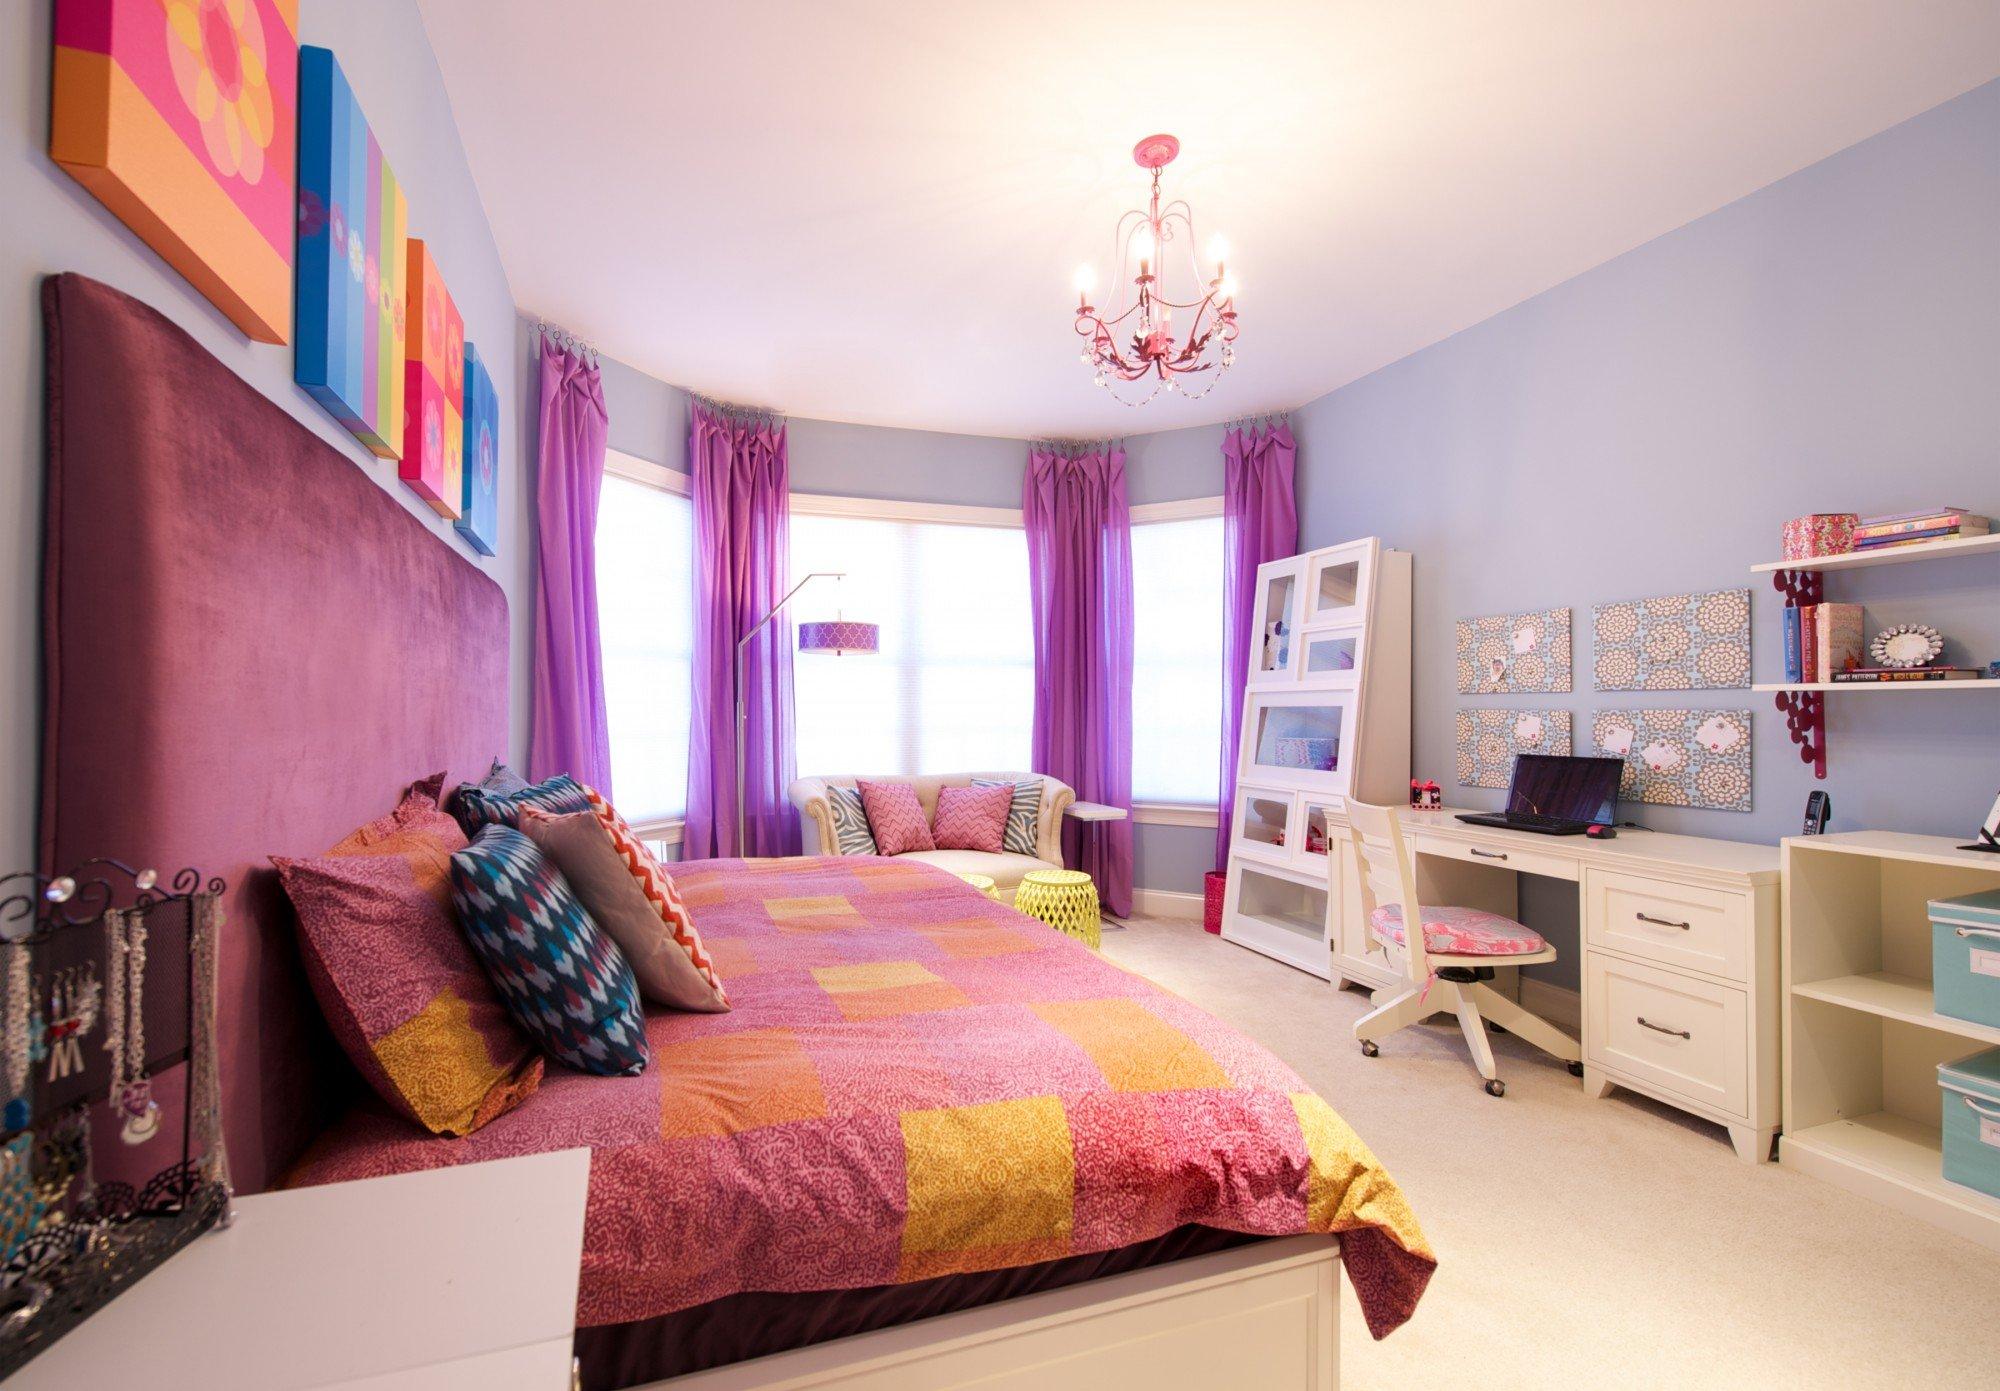 ไอเดียตกแต่งห้องนอน โทนสีม่วง สีชมพู